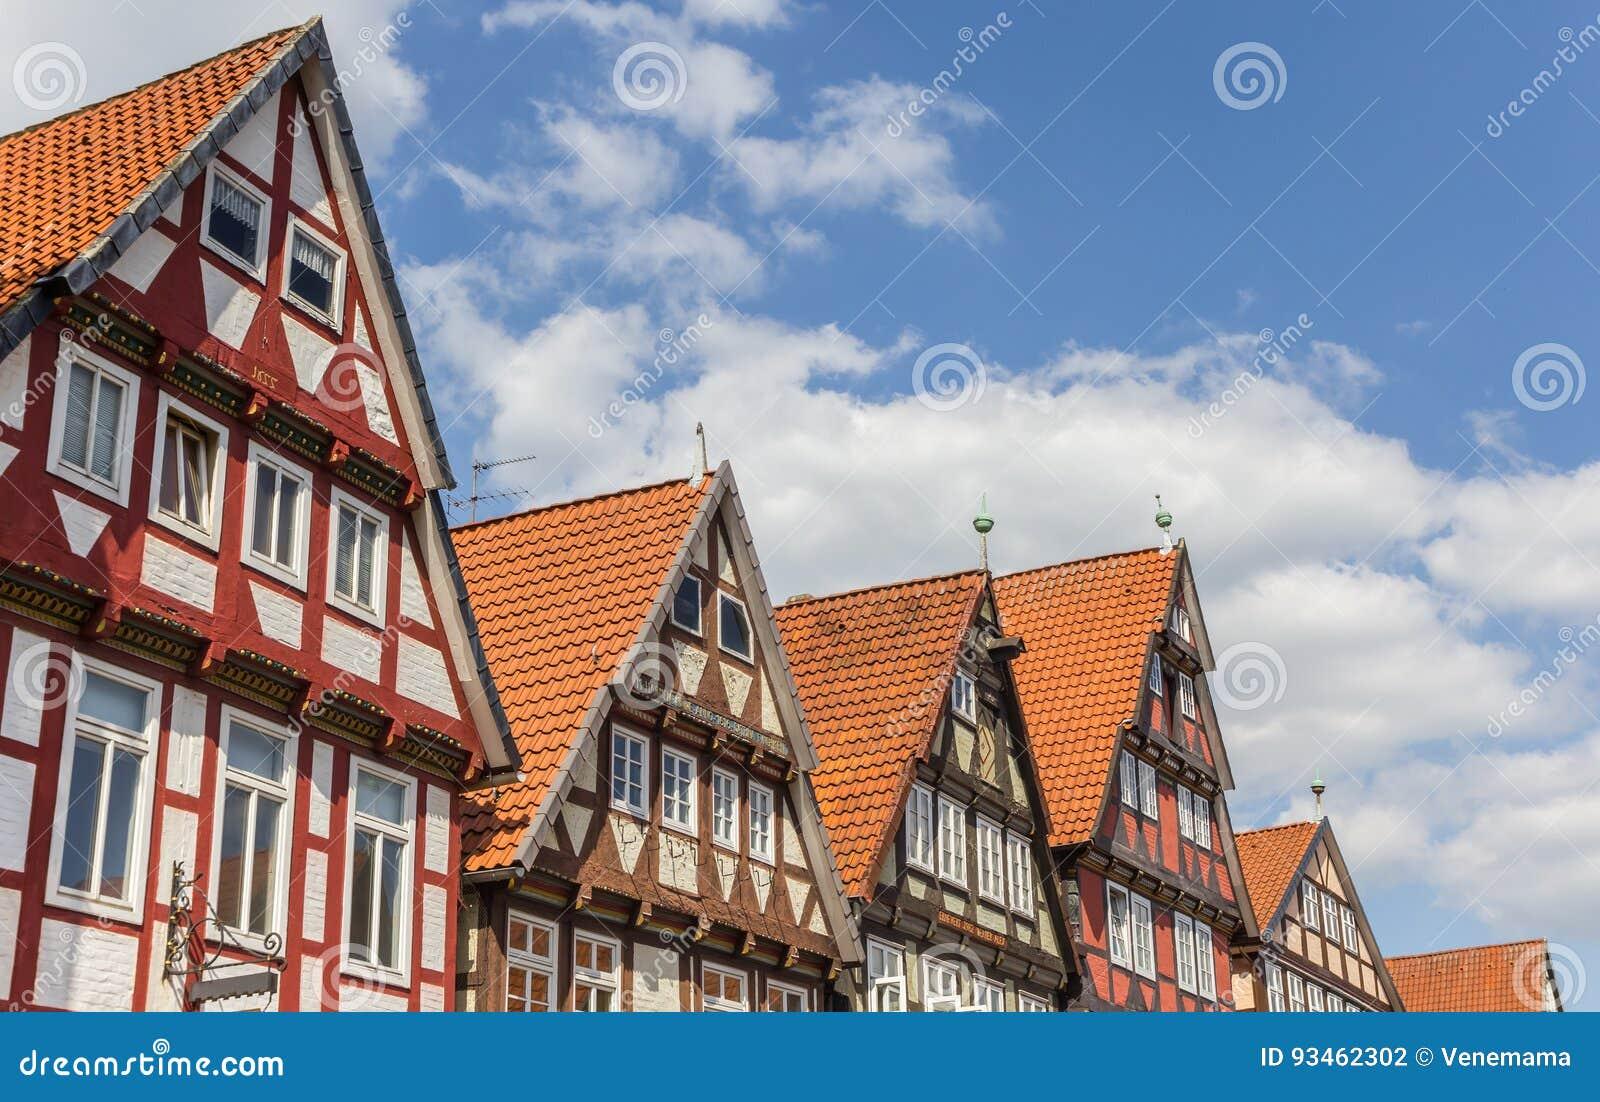 Construir un tejado best cubrir tejado con tela asfltica for Tejados de madera casas